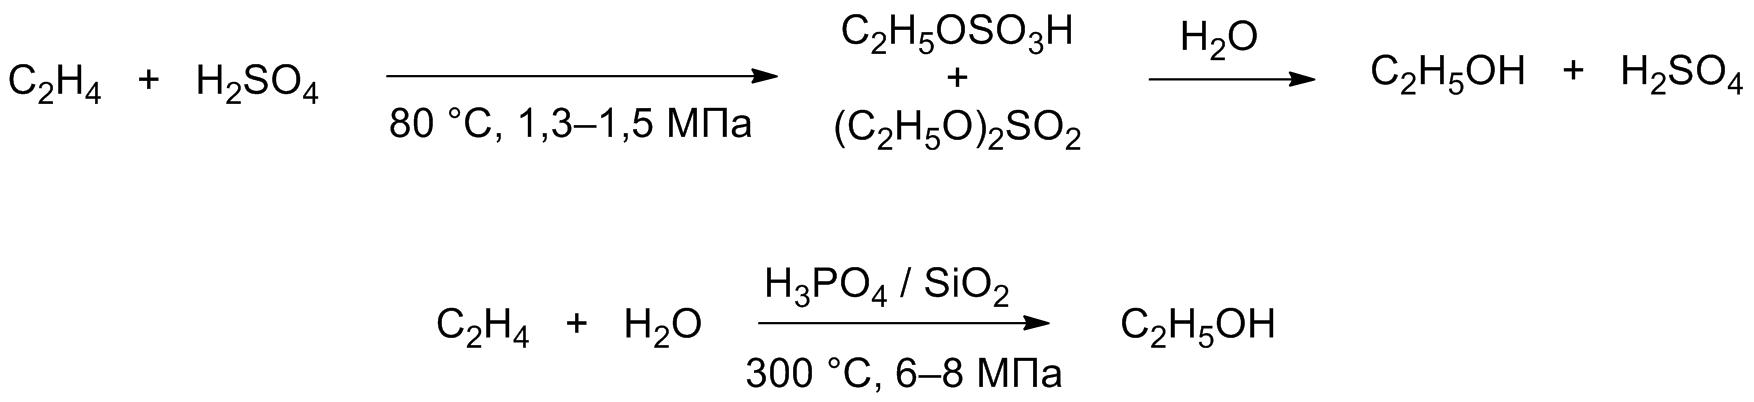 Схемы промышленного производства этанола